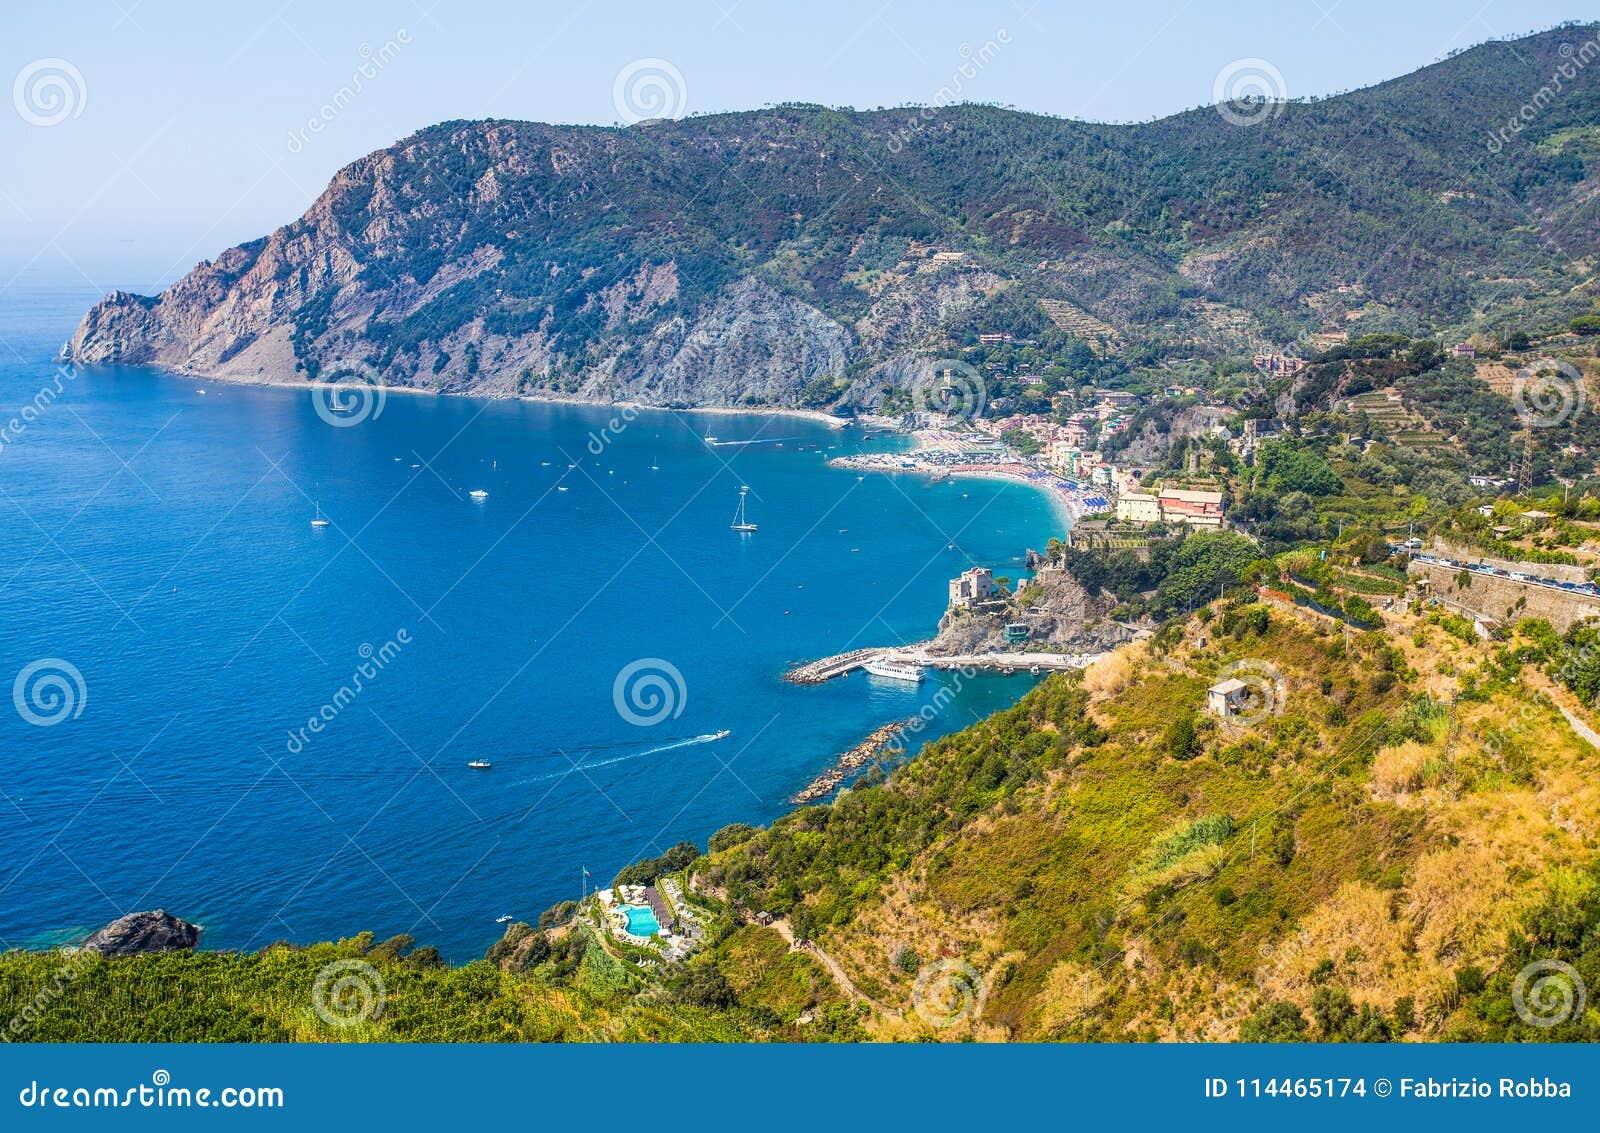 monterosso al mare in 5 terre, ligurian cost, mediterranean sea, la